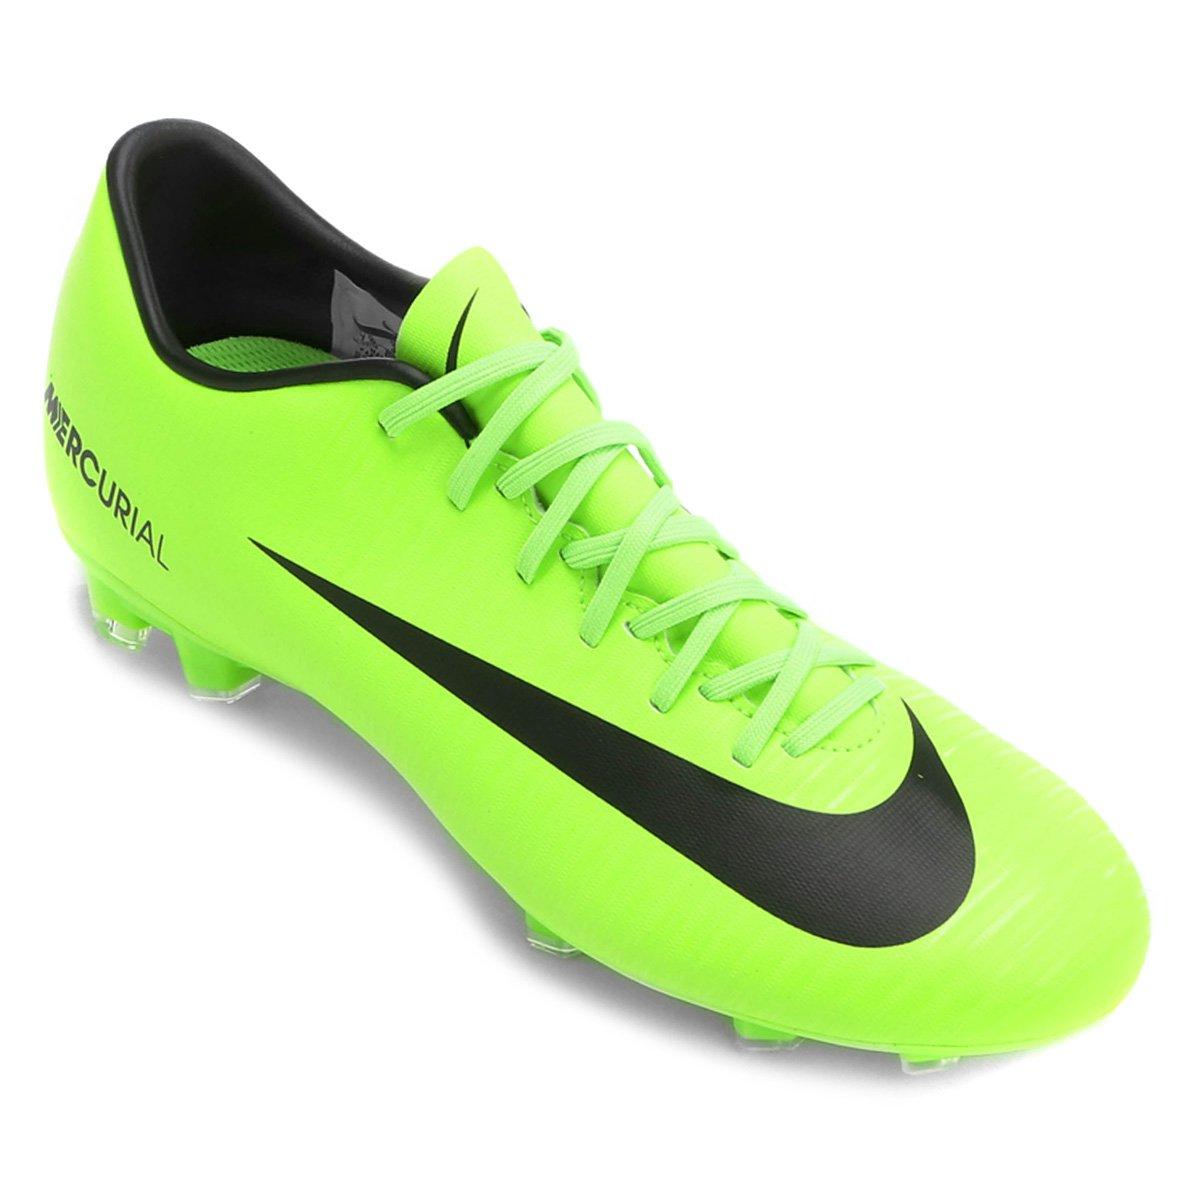 Chuteira Campo Nike Mercurial Victory 6 FG - Verde Limão - Compre ... 4be69f16daa71